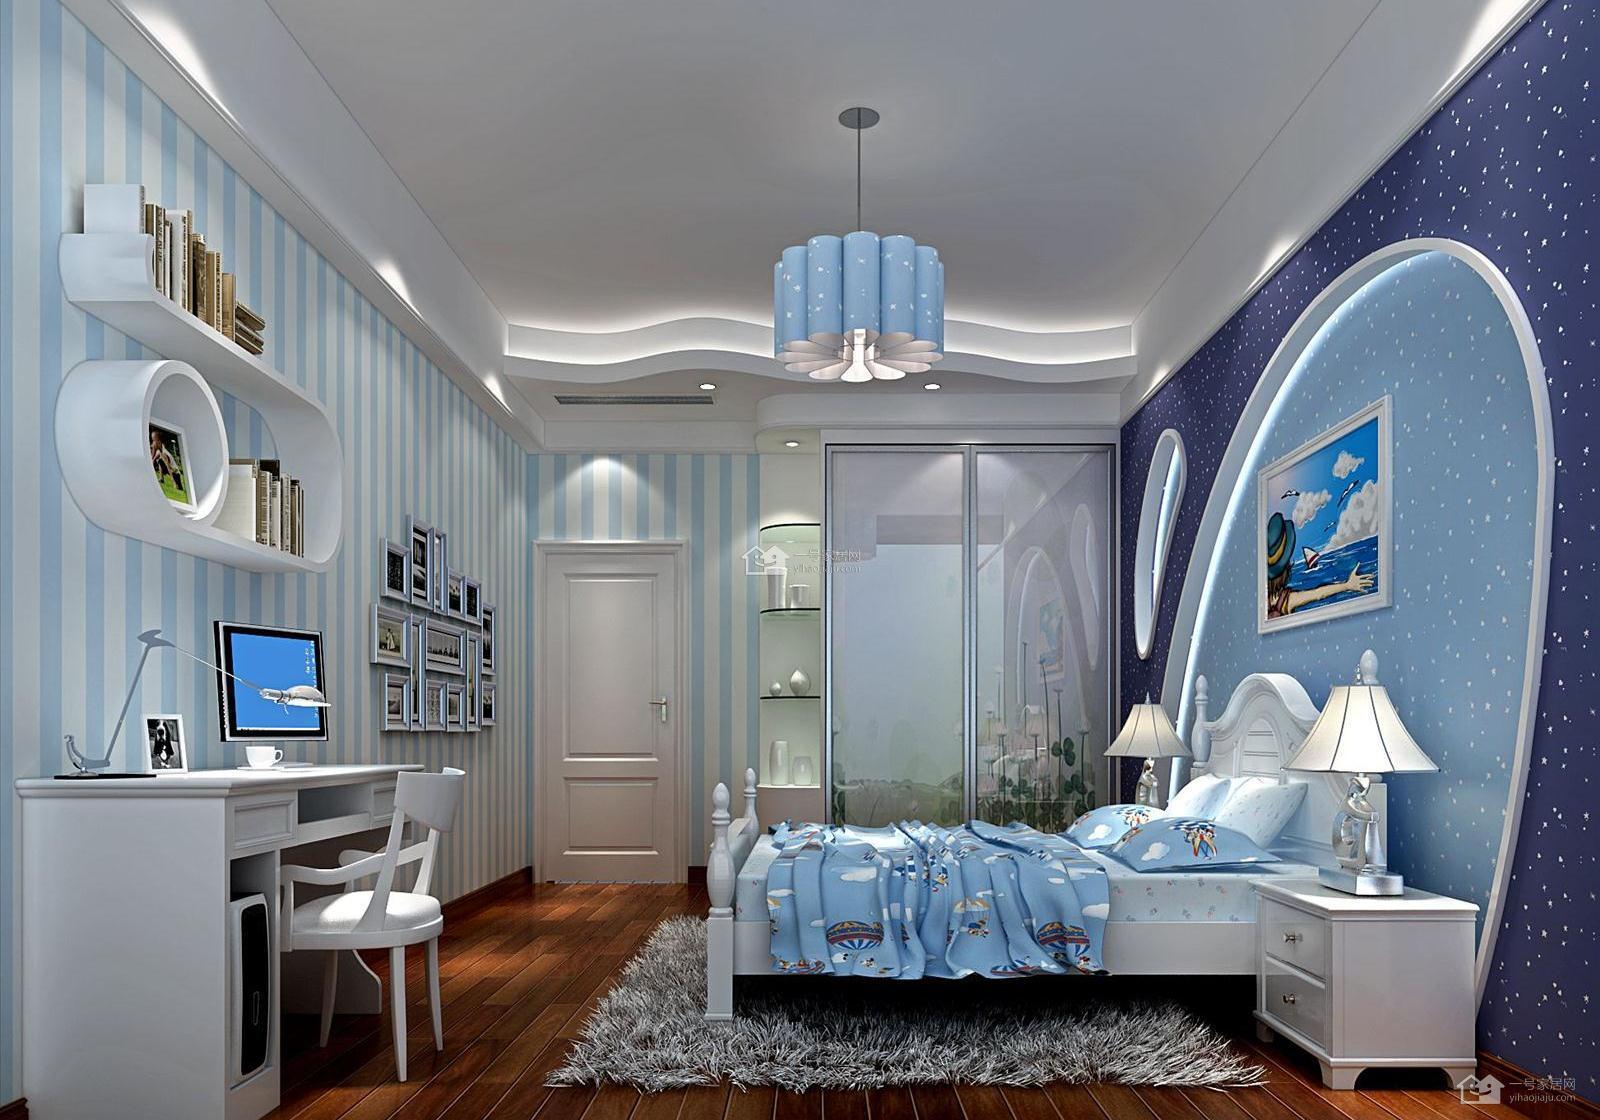 家和装饰告诉你儿童房是怎样装修的